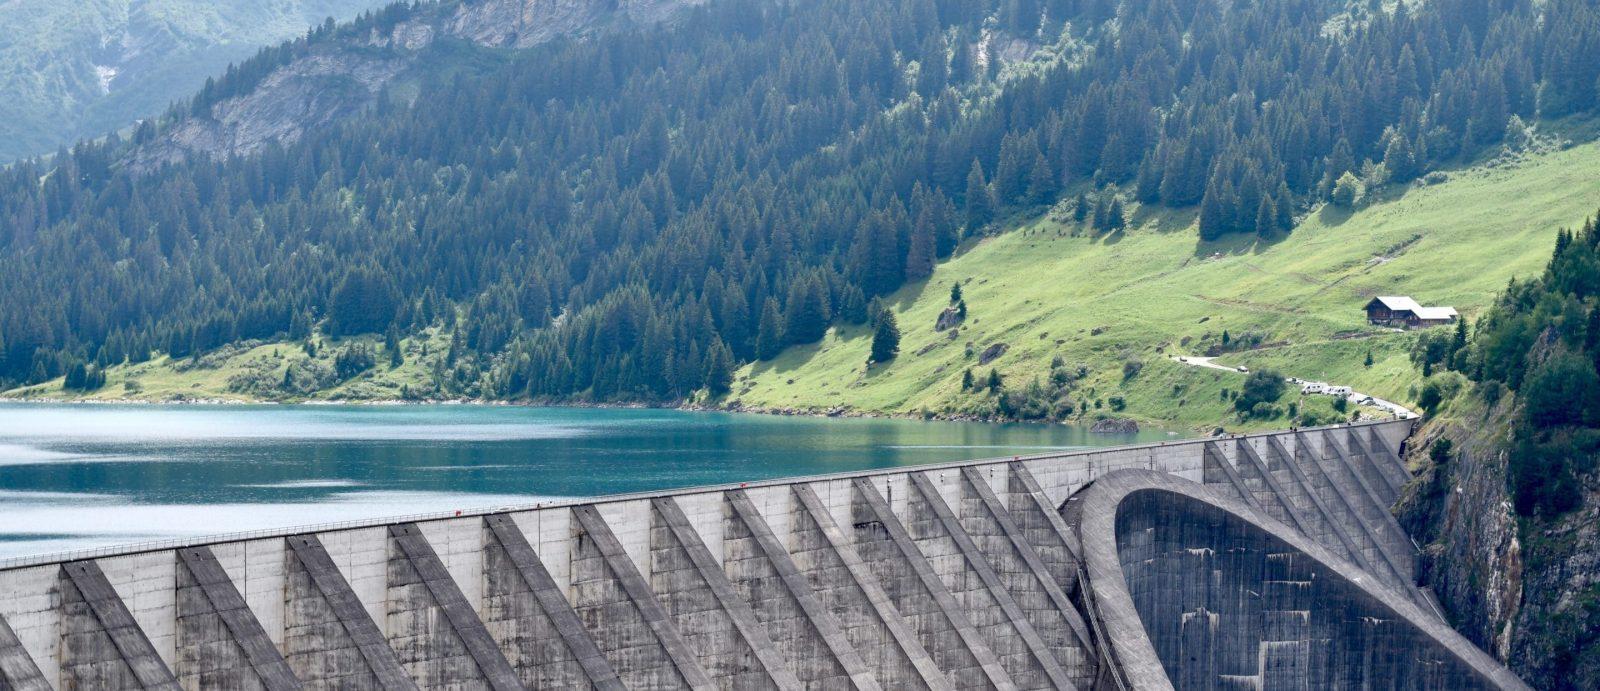 les barrages hydrauliques produisent de l'électricité verte